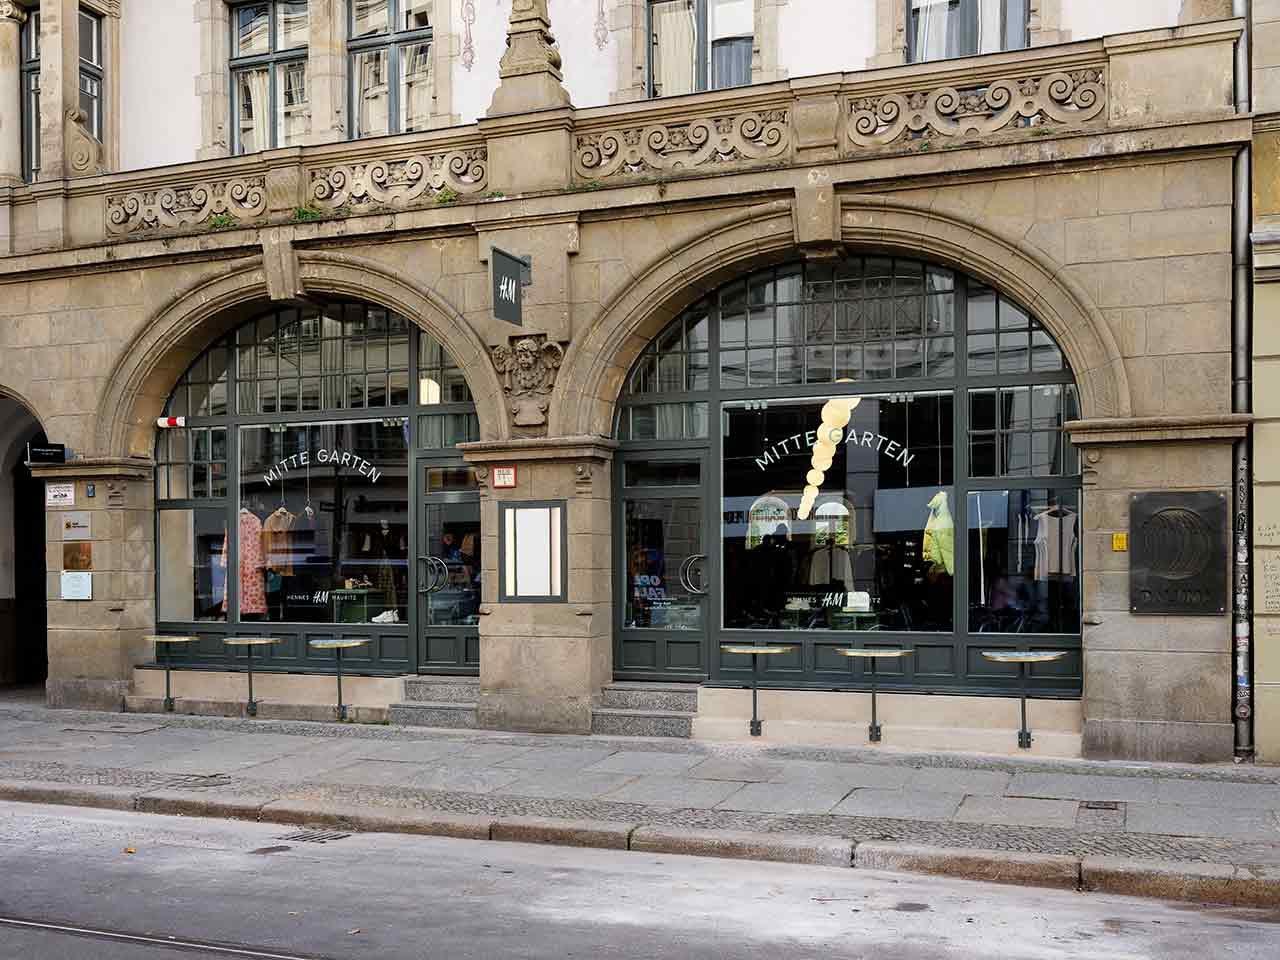 H&M MitteGarten concept store